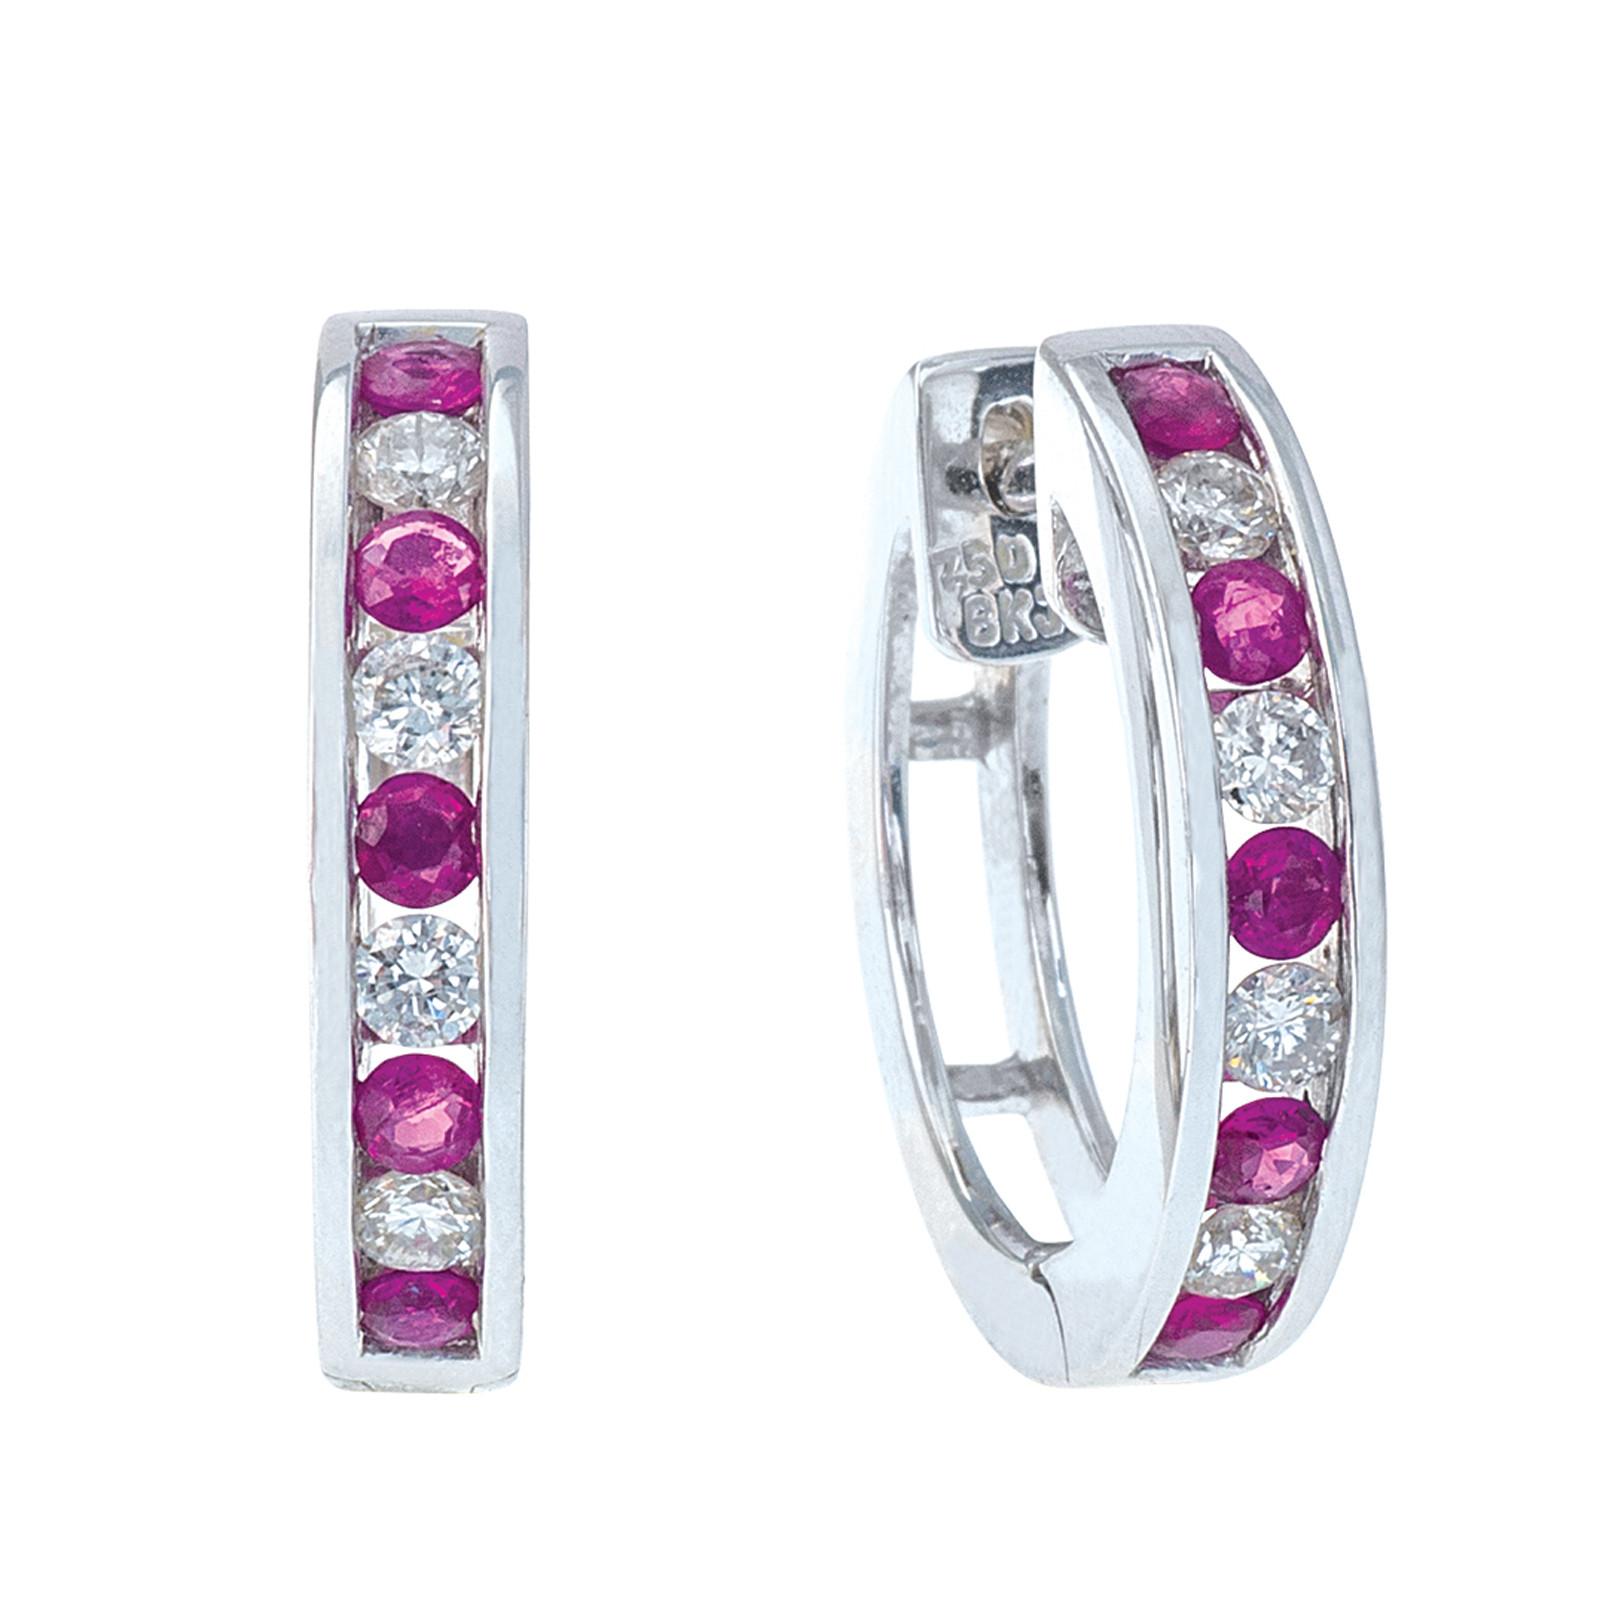 Vintage 0.80 CTW Diamond & Ruby Earrings